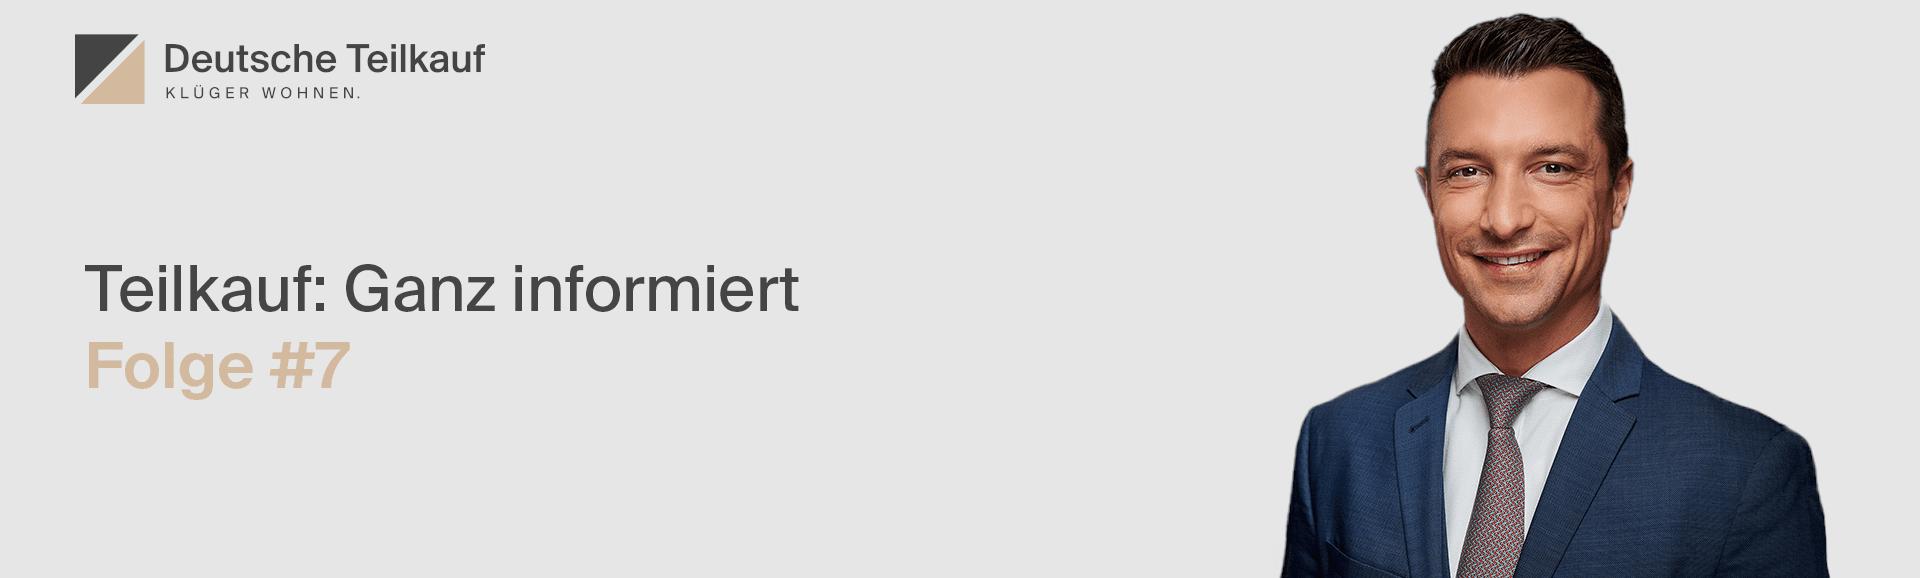 Deutsche Teilkauf: Ganz informiert - Vlog-Folge #7 - Alles zum Nießbrauchrecht